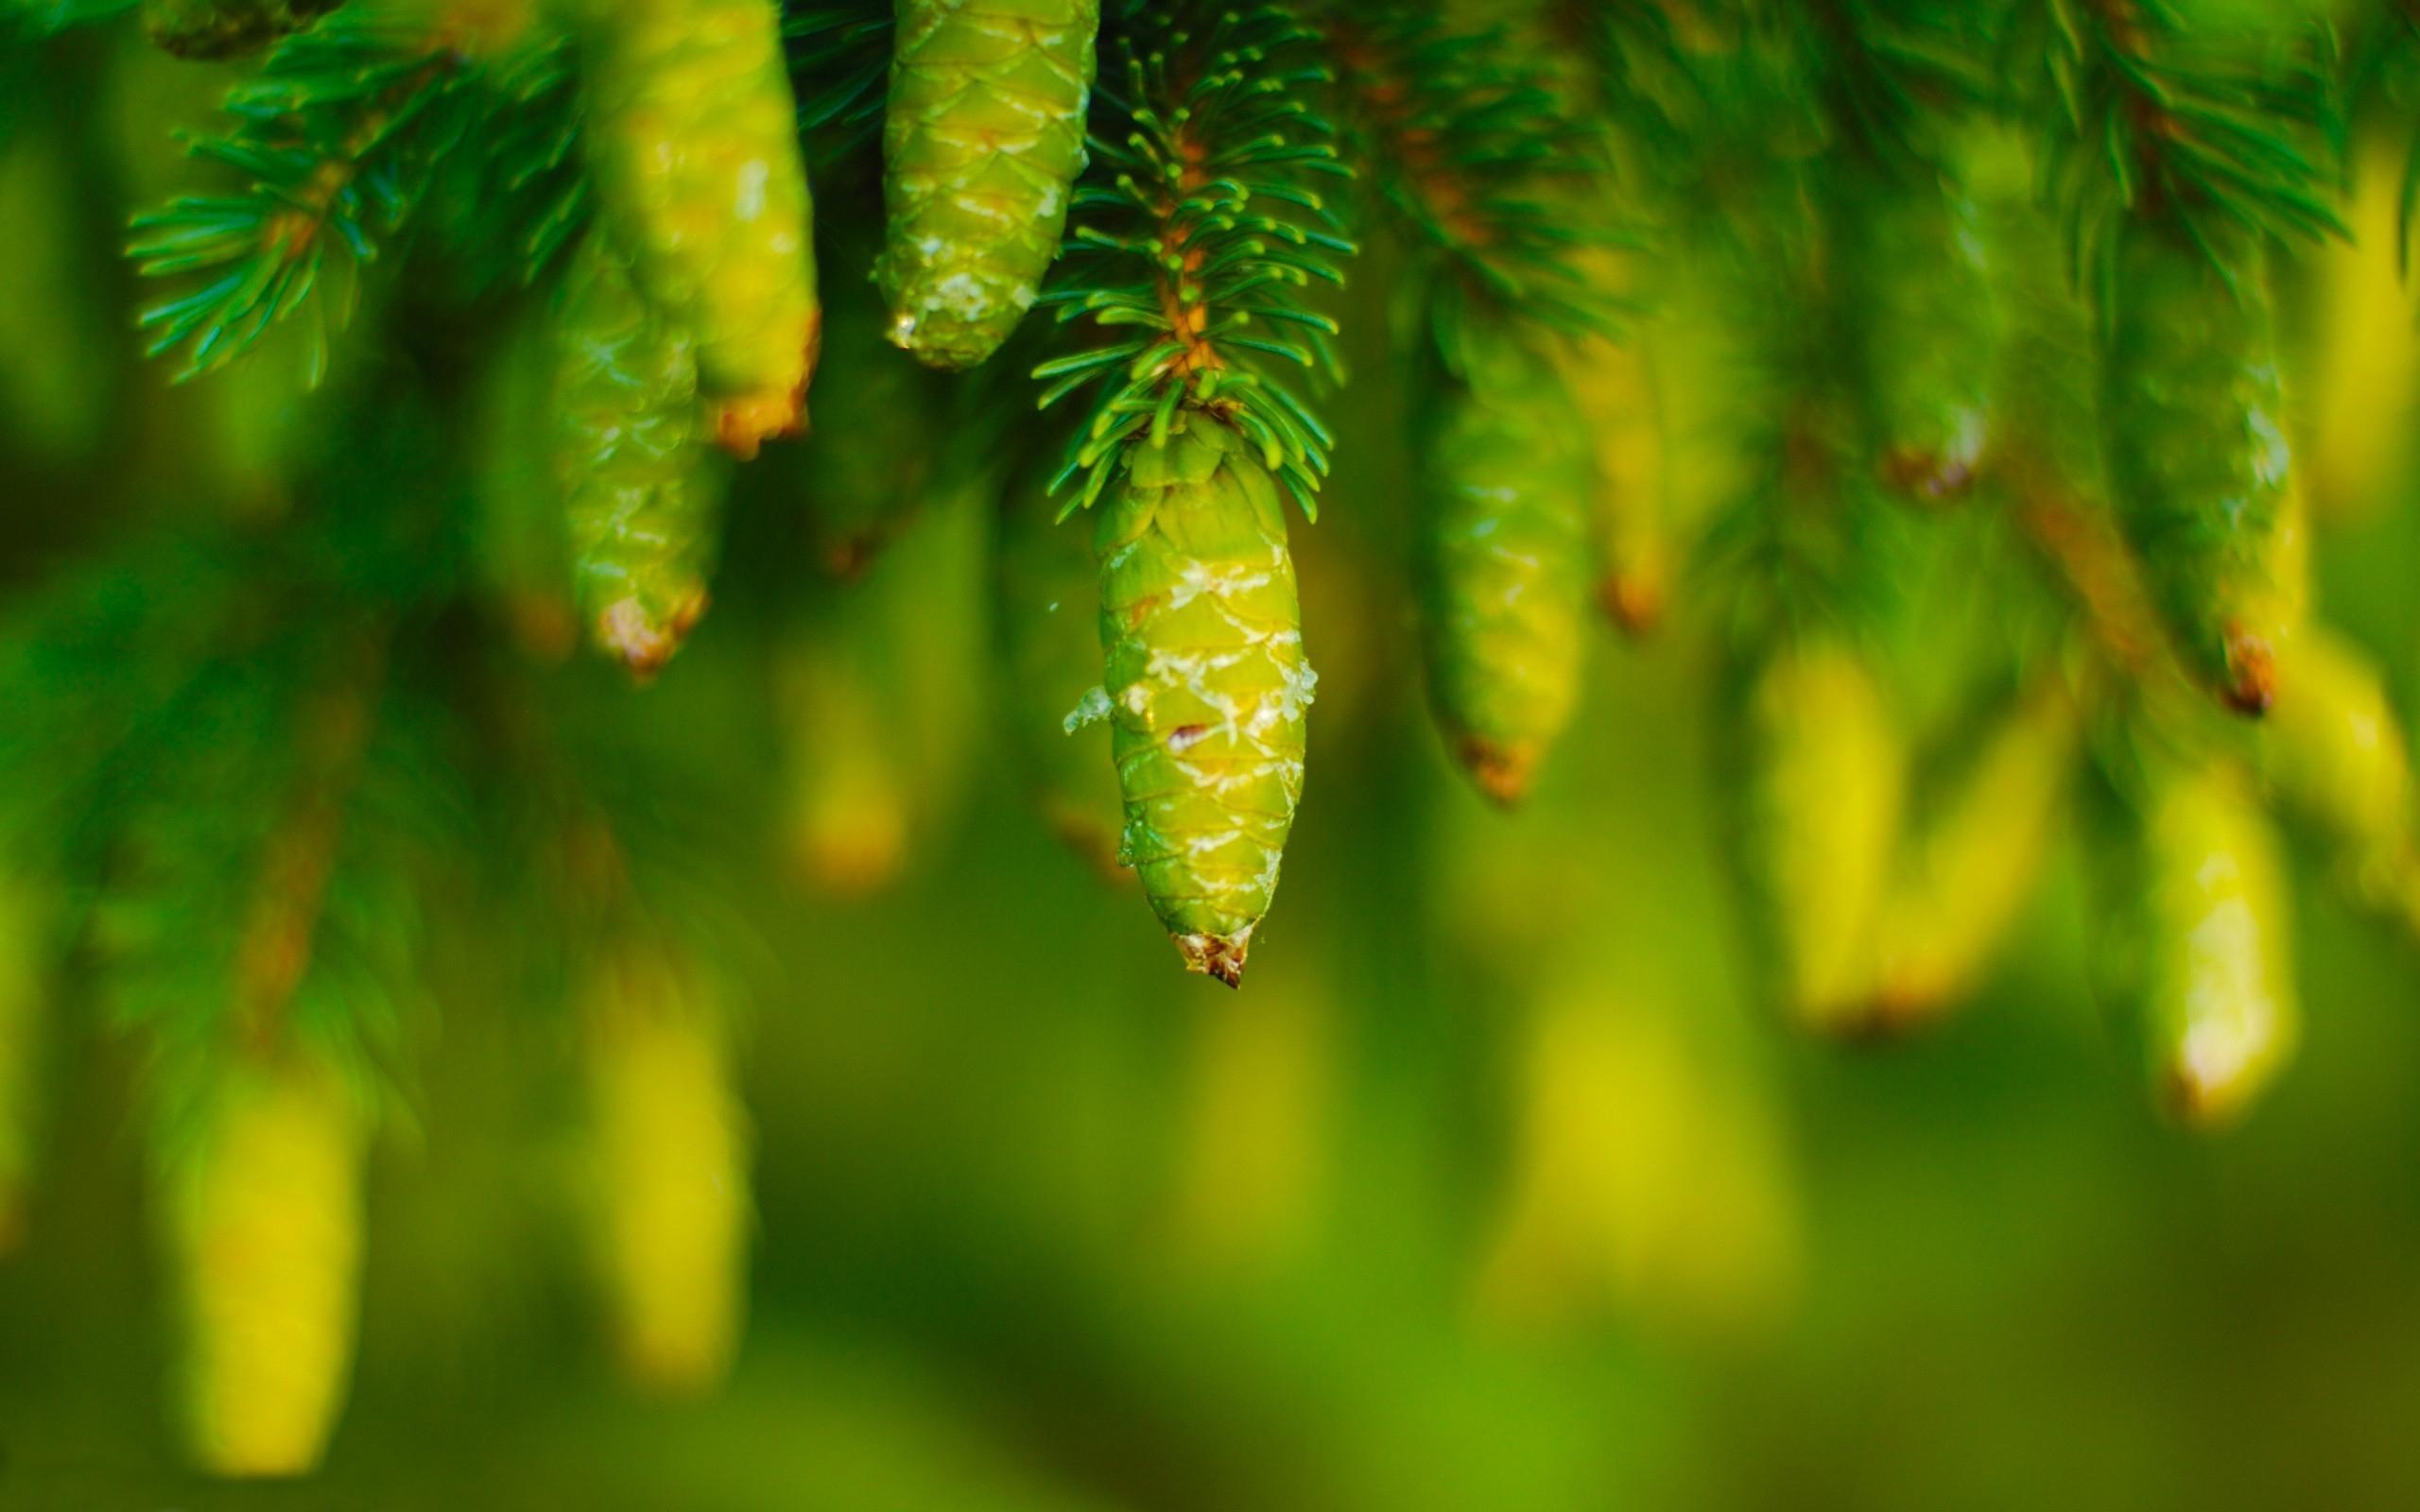 Капли сосна дерево бесплатно